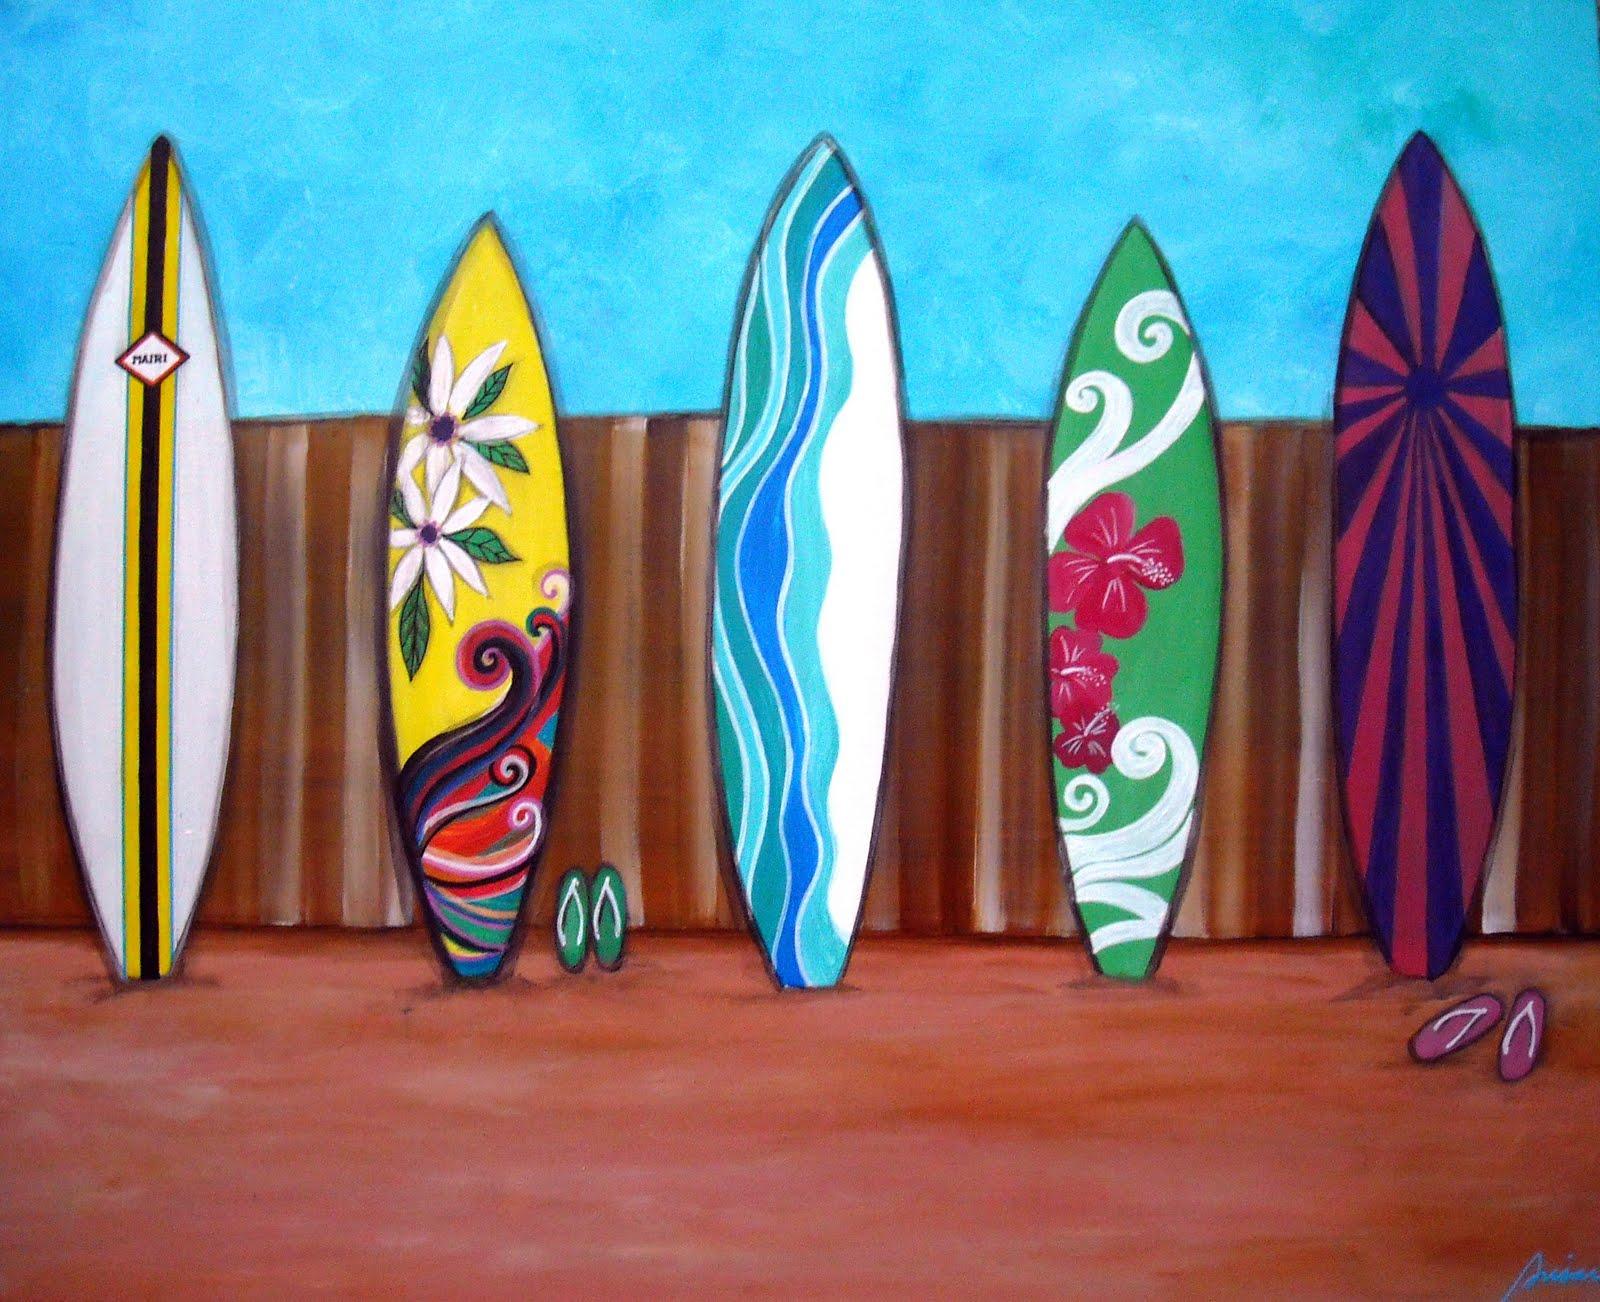 Attractive Gallery of Modern Folk Artist Pristine Cartera-Turkus: Beach Theme OW52